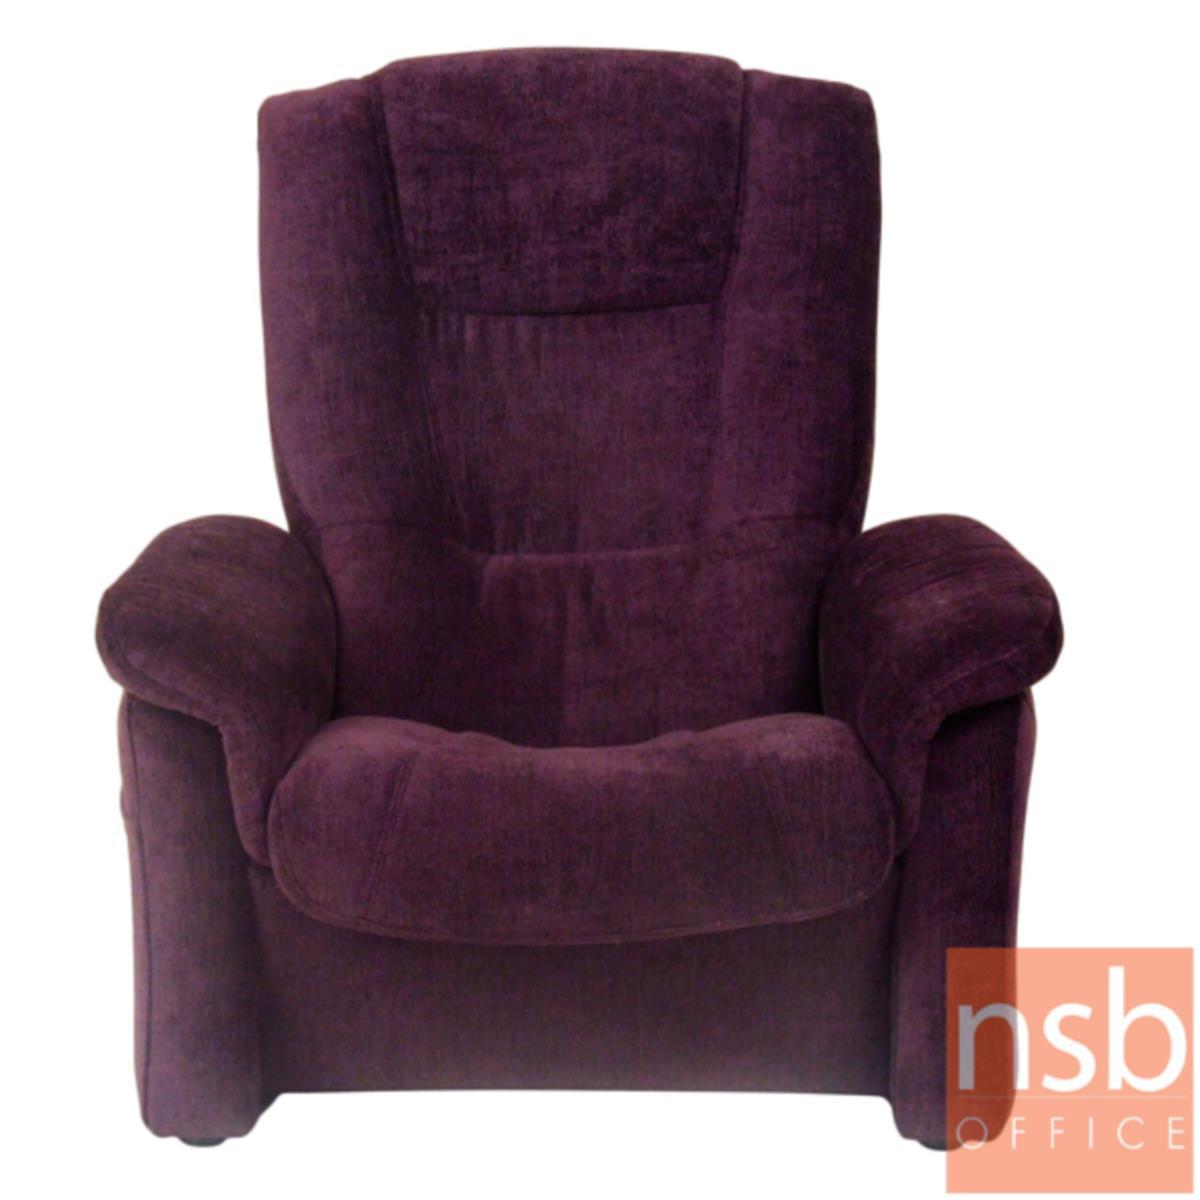 เก้าอี้โซฟาโรงหนัง รุ่น MN-SNY  ขนาด 83W ,140W cm.  ปรับเอนได้